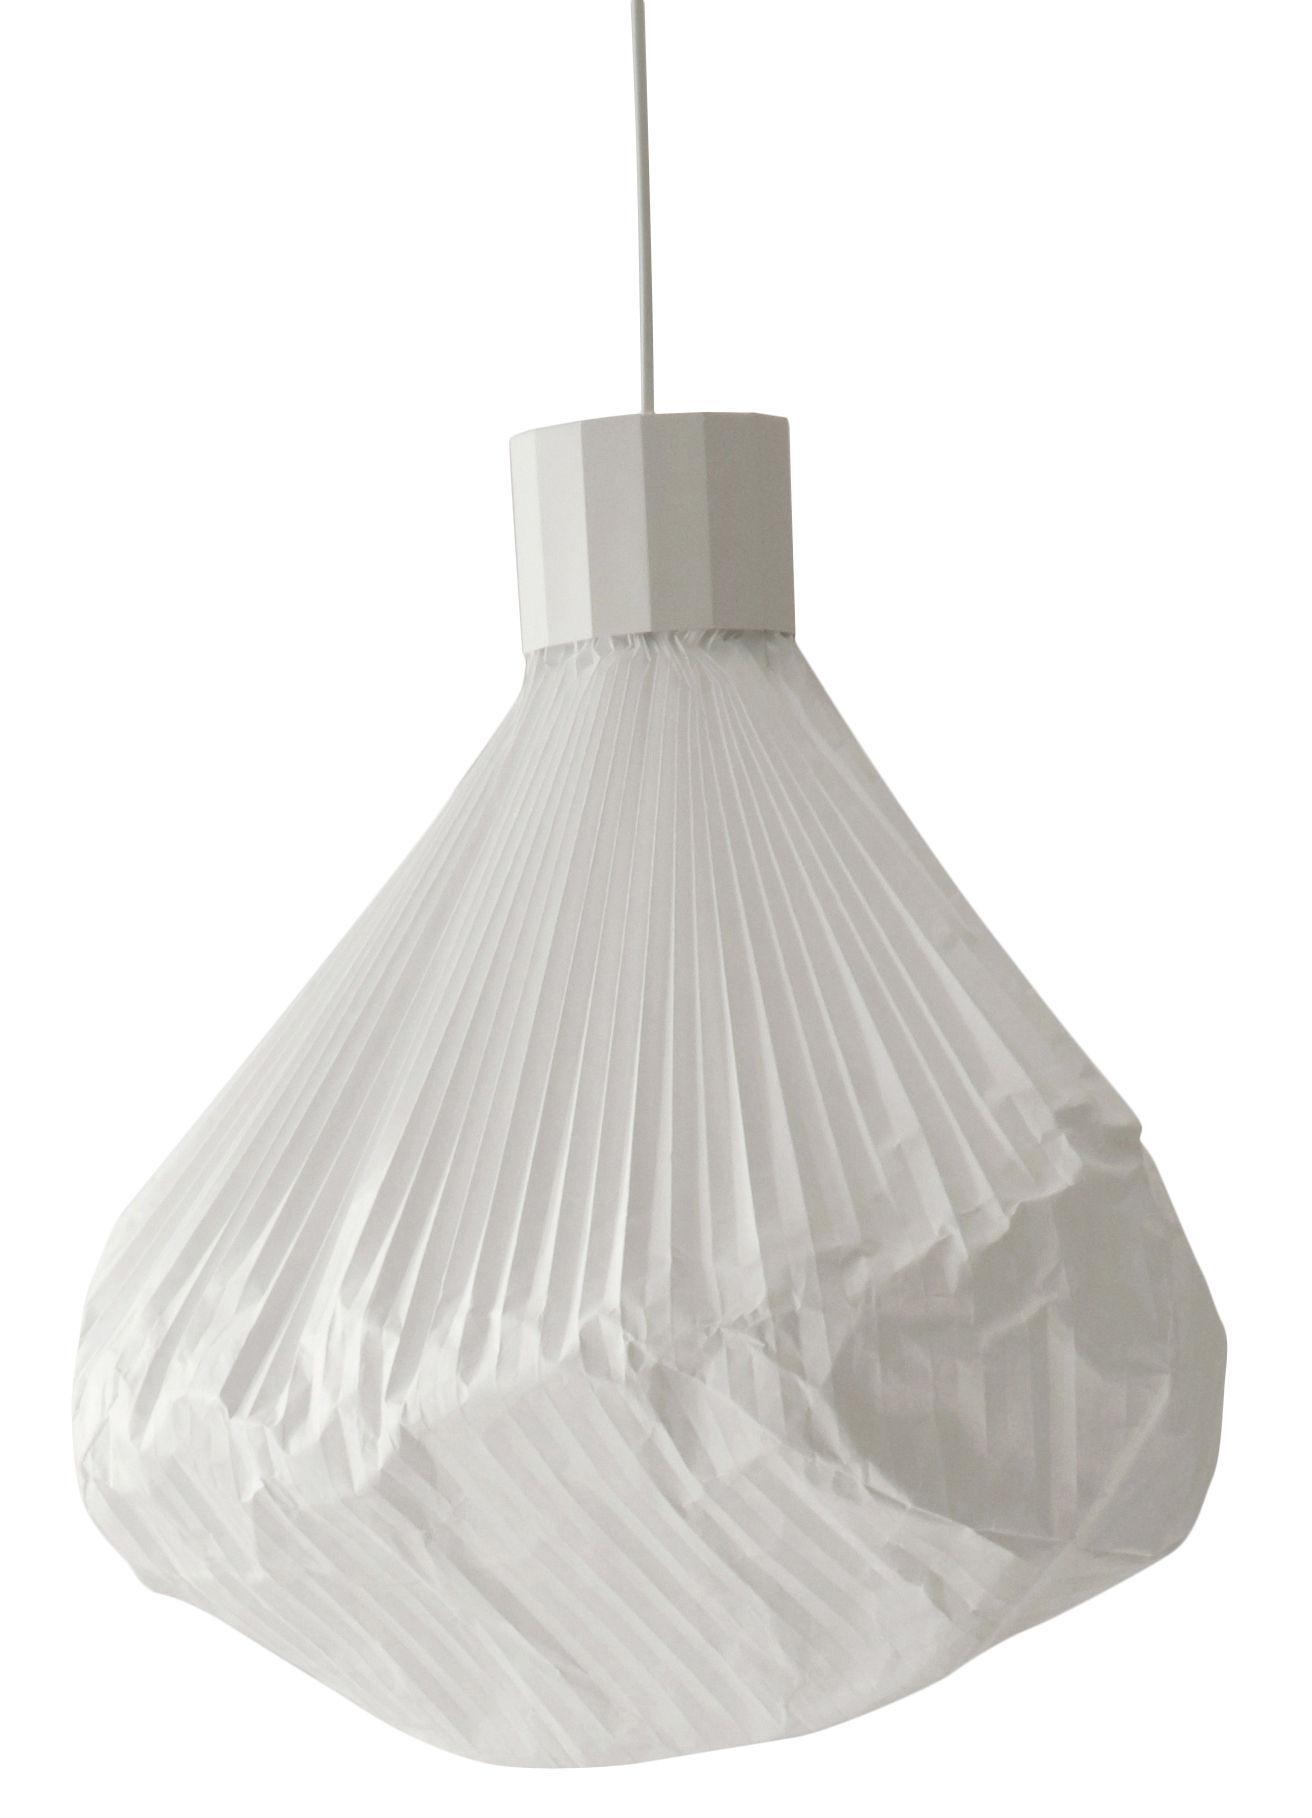 Luminaire - Suspensions - Suspension Vapeur - Moustache - Base blanche / Diffuseur blanc - Métal laqué, Papier Tyvek